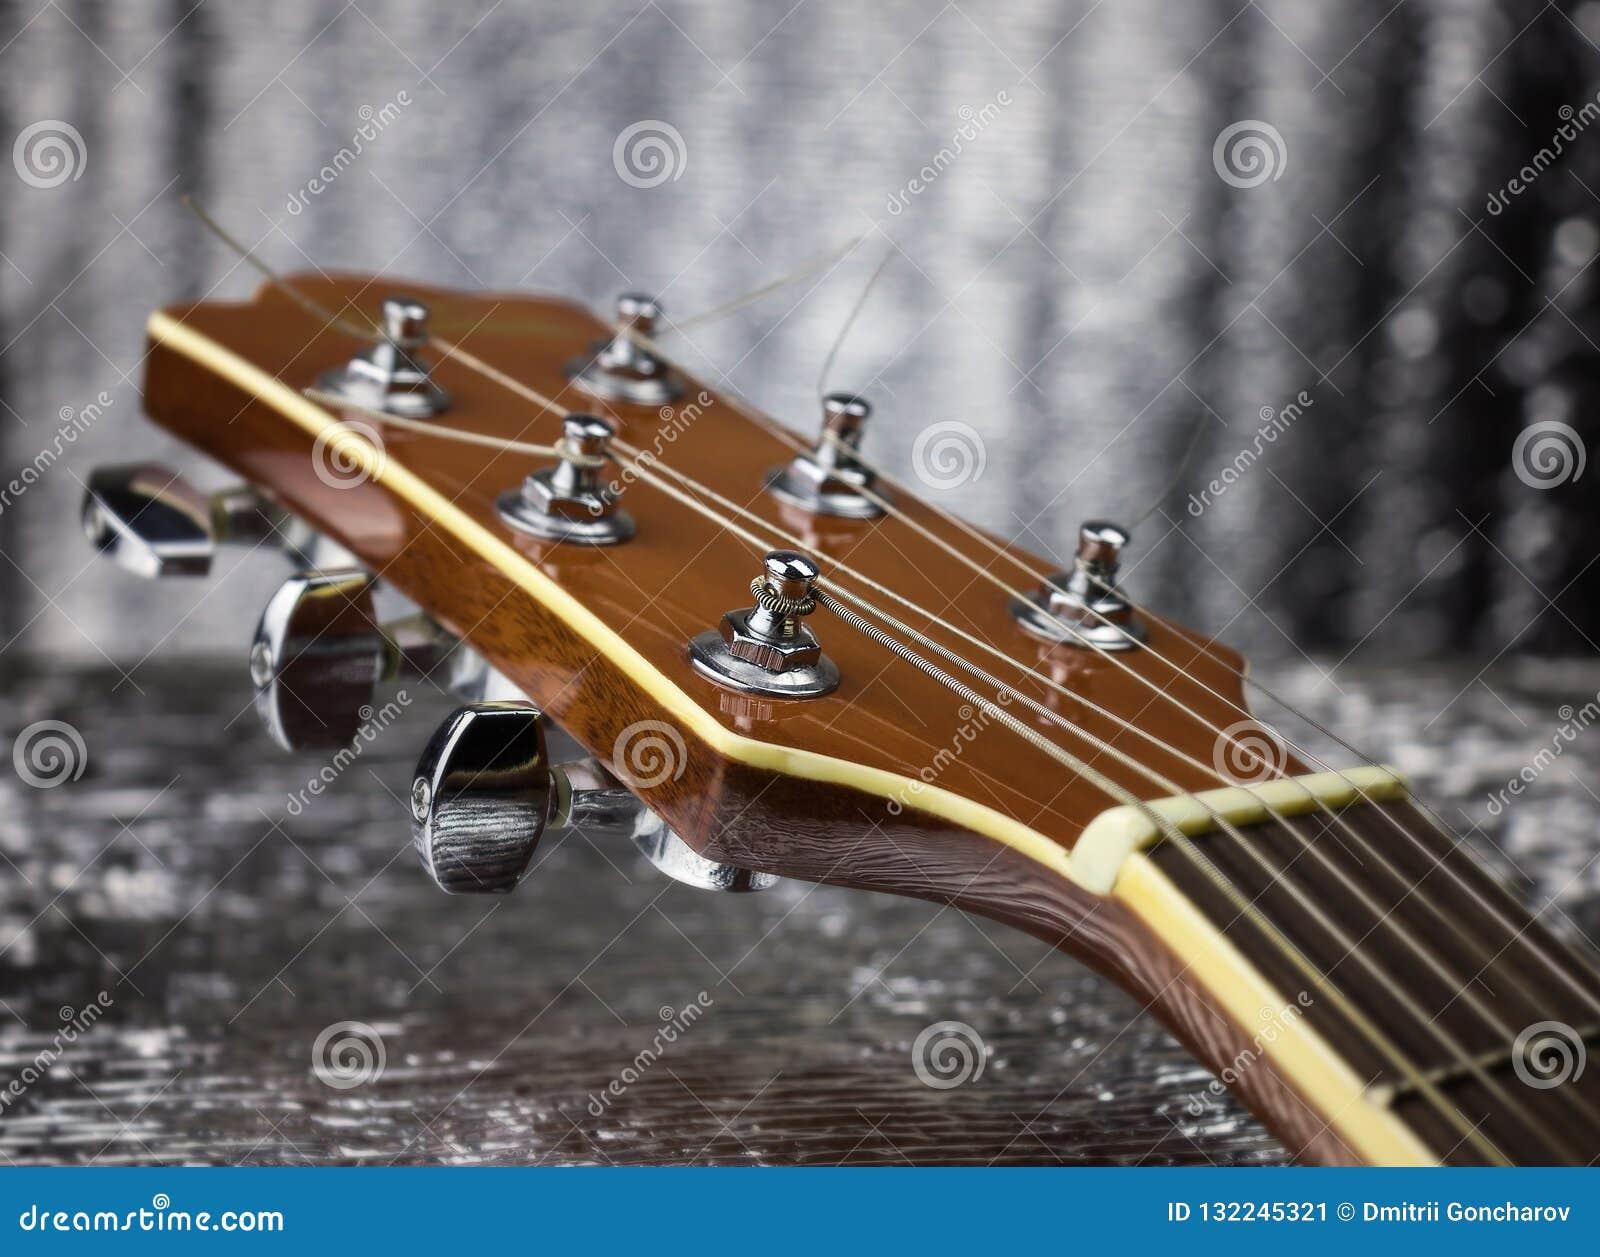 Headstock de uma guitarra clássica sobre o fundo de prata